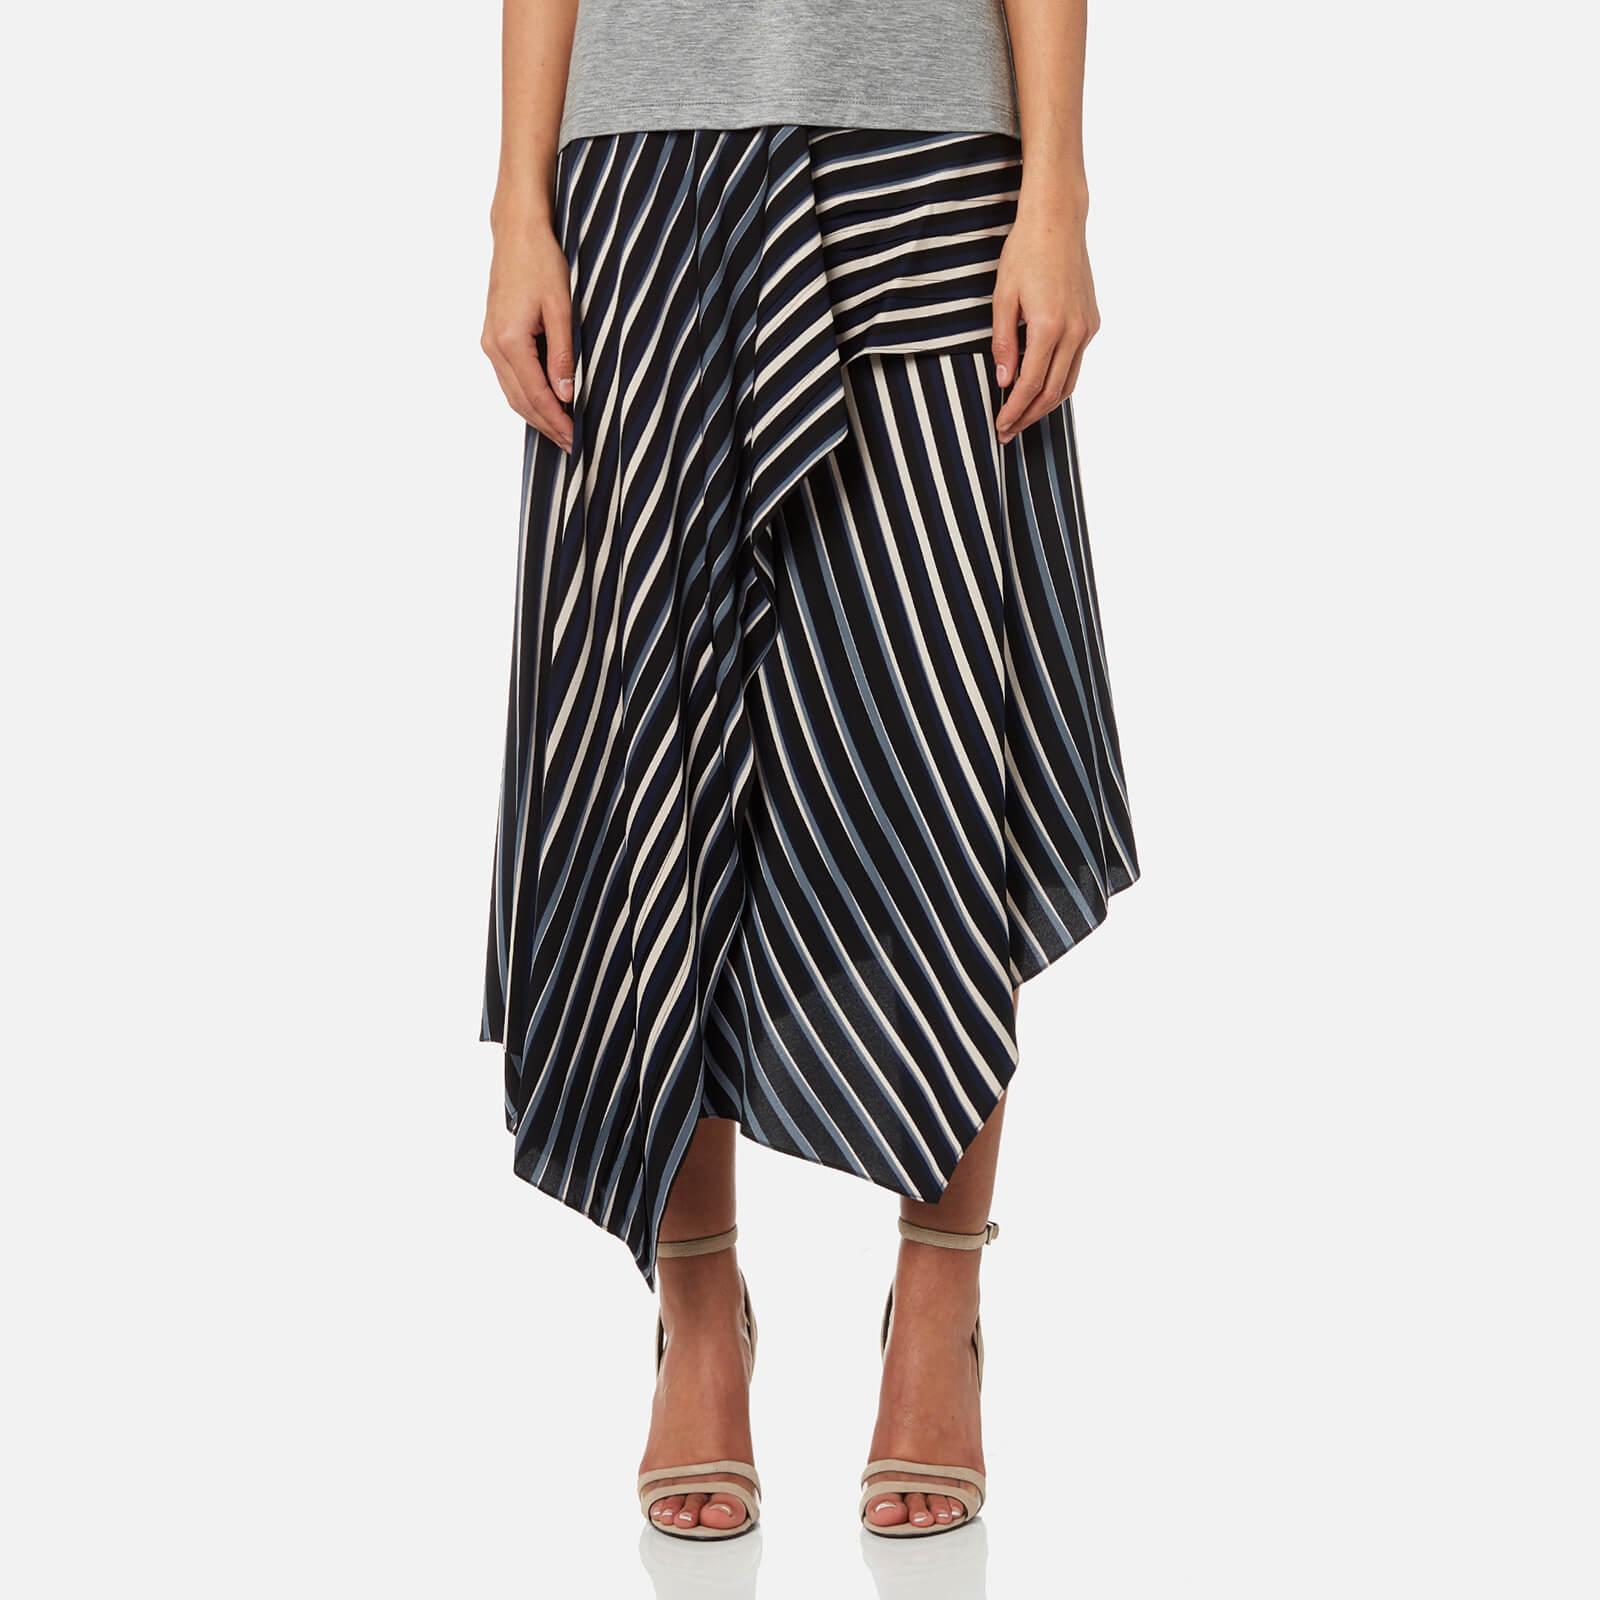 247ba6c7e1 Diane von Furstenberg Women's Draped Asymmetric Midi Skirt - Whiston Black  - Free UK Delivery over £50